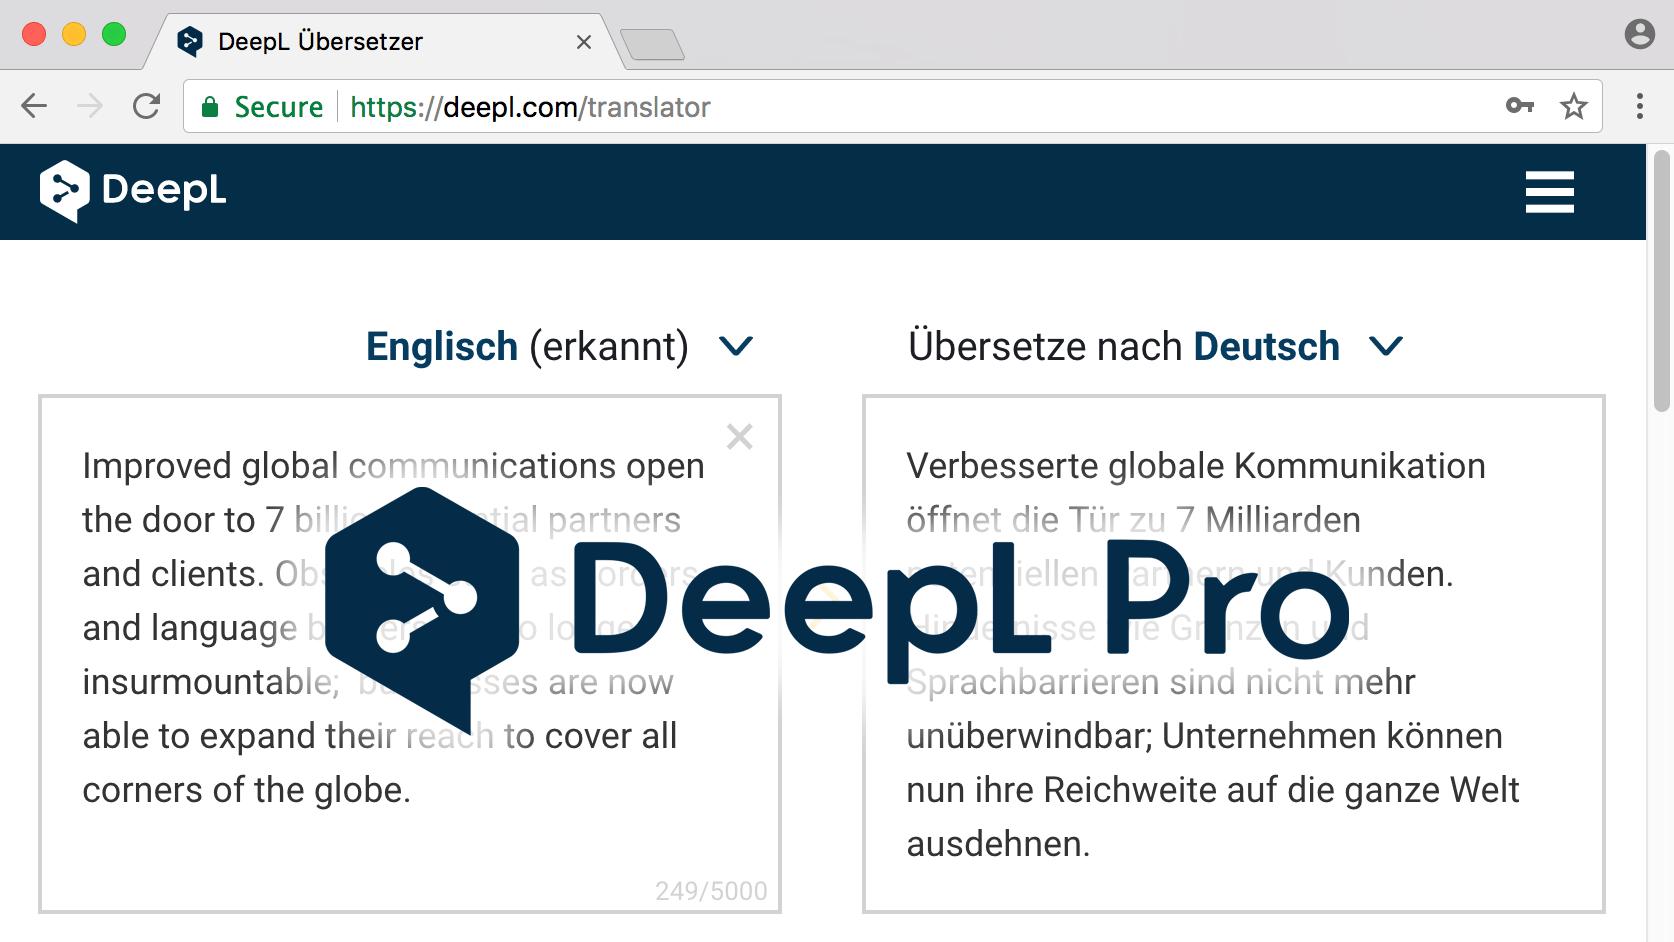 DeepL Pro: Neuer Aboservice für Profi-Übersetzer, Firmen und Entwickler |  heise online